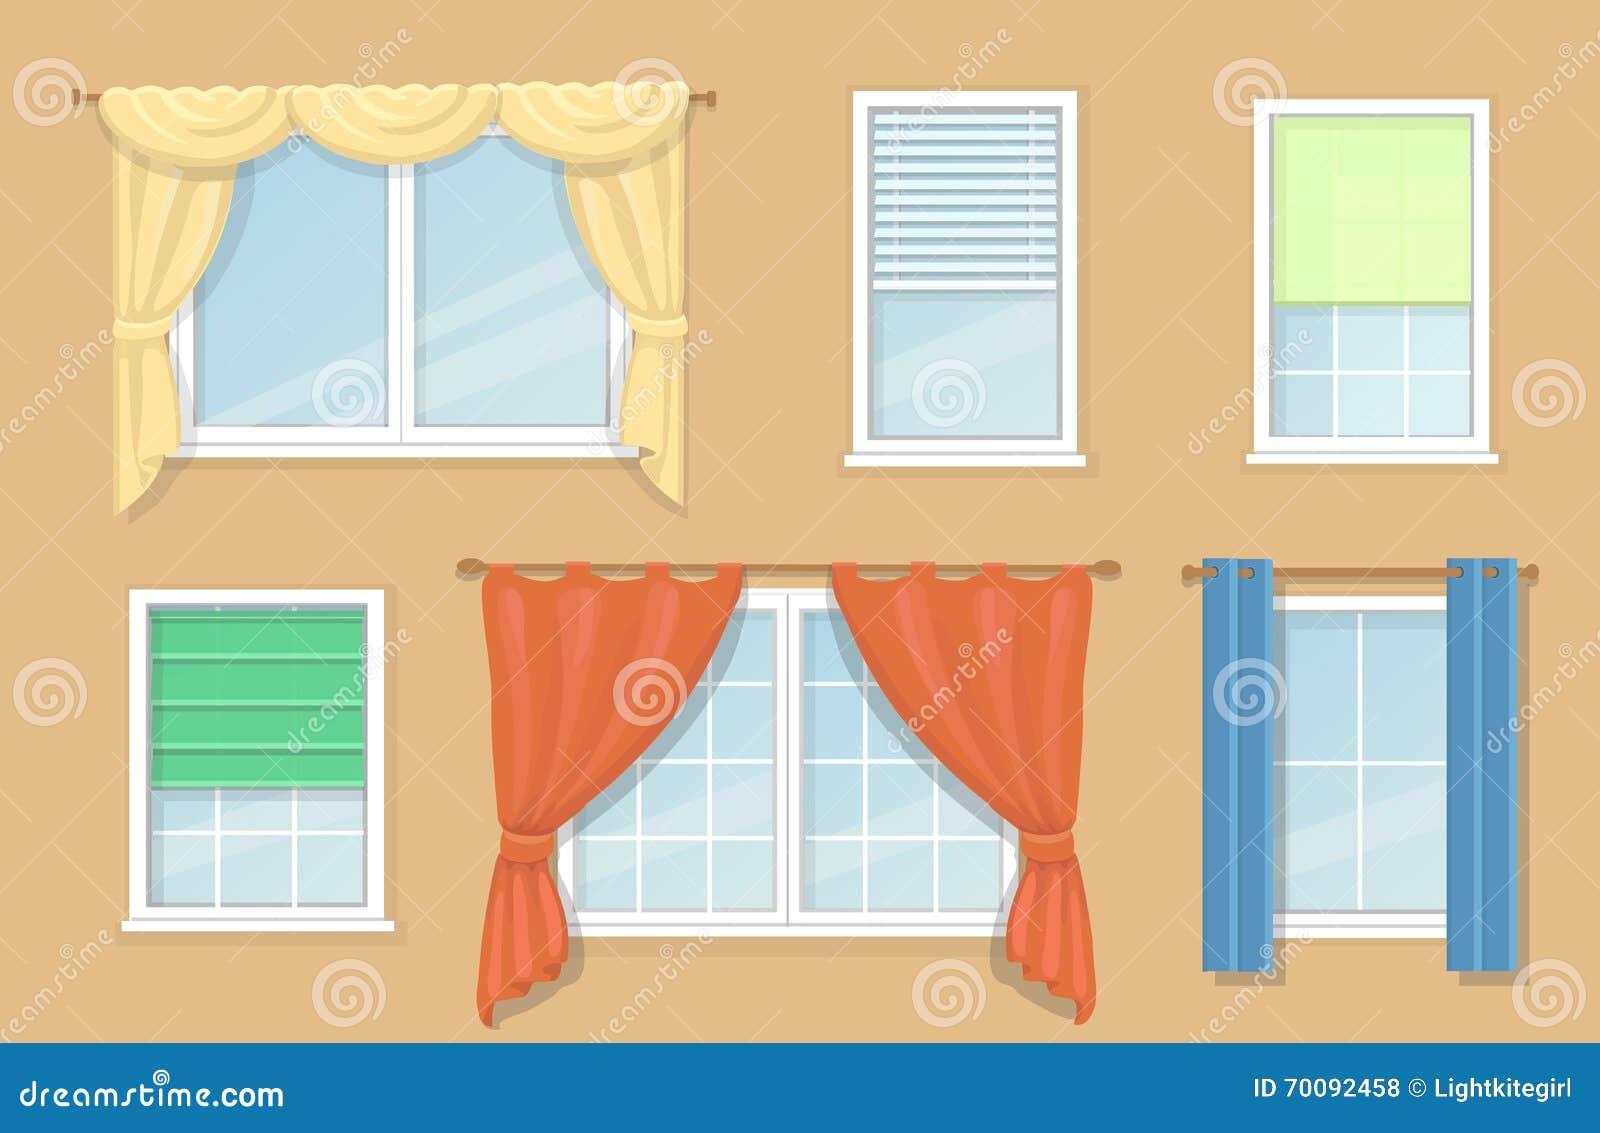 Ejemplo de las opciones del dise o y tipos de cortinas de - Cortinas tipo persianas ...